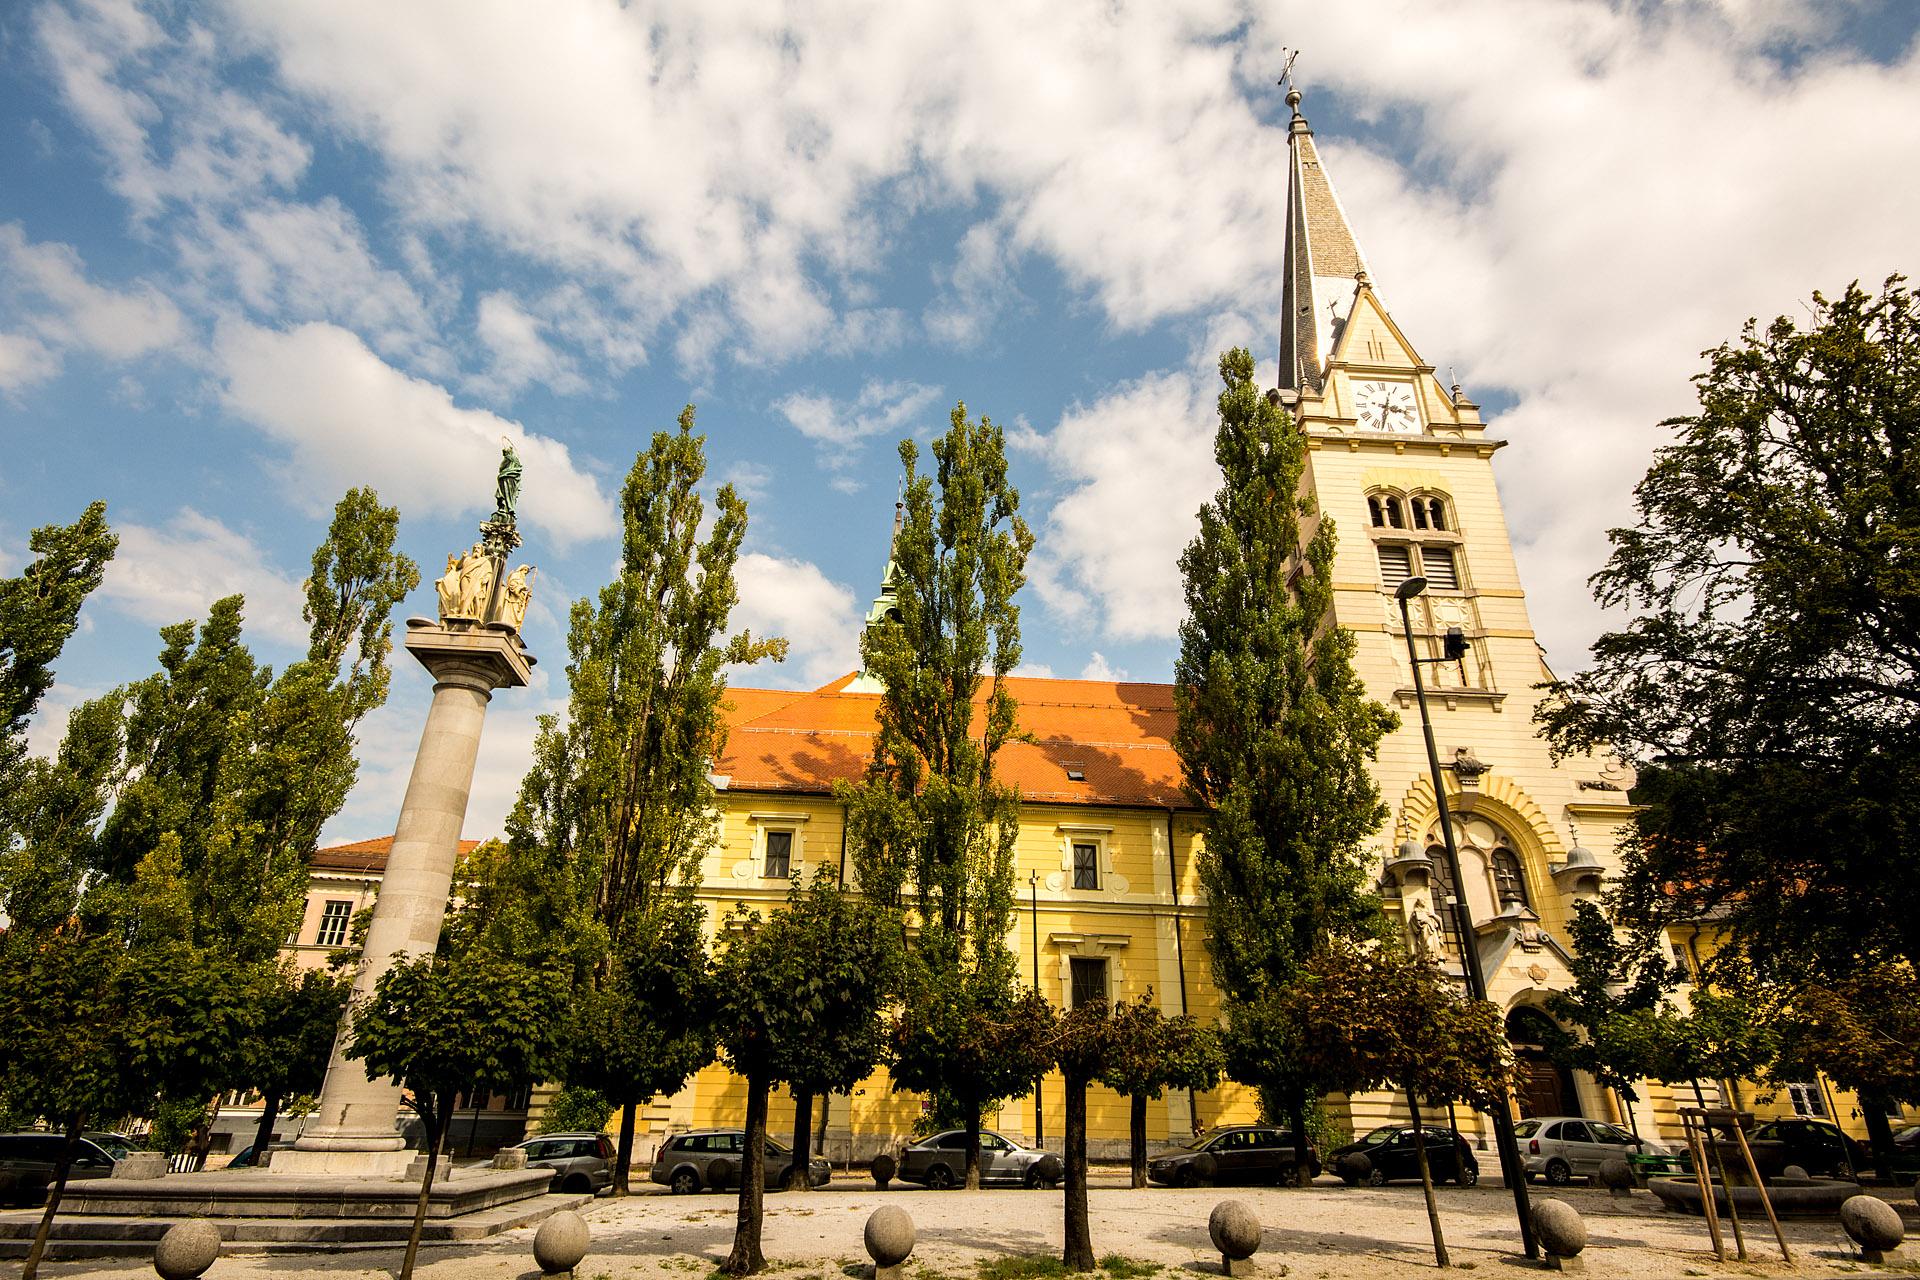 St. James' Parish Church